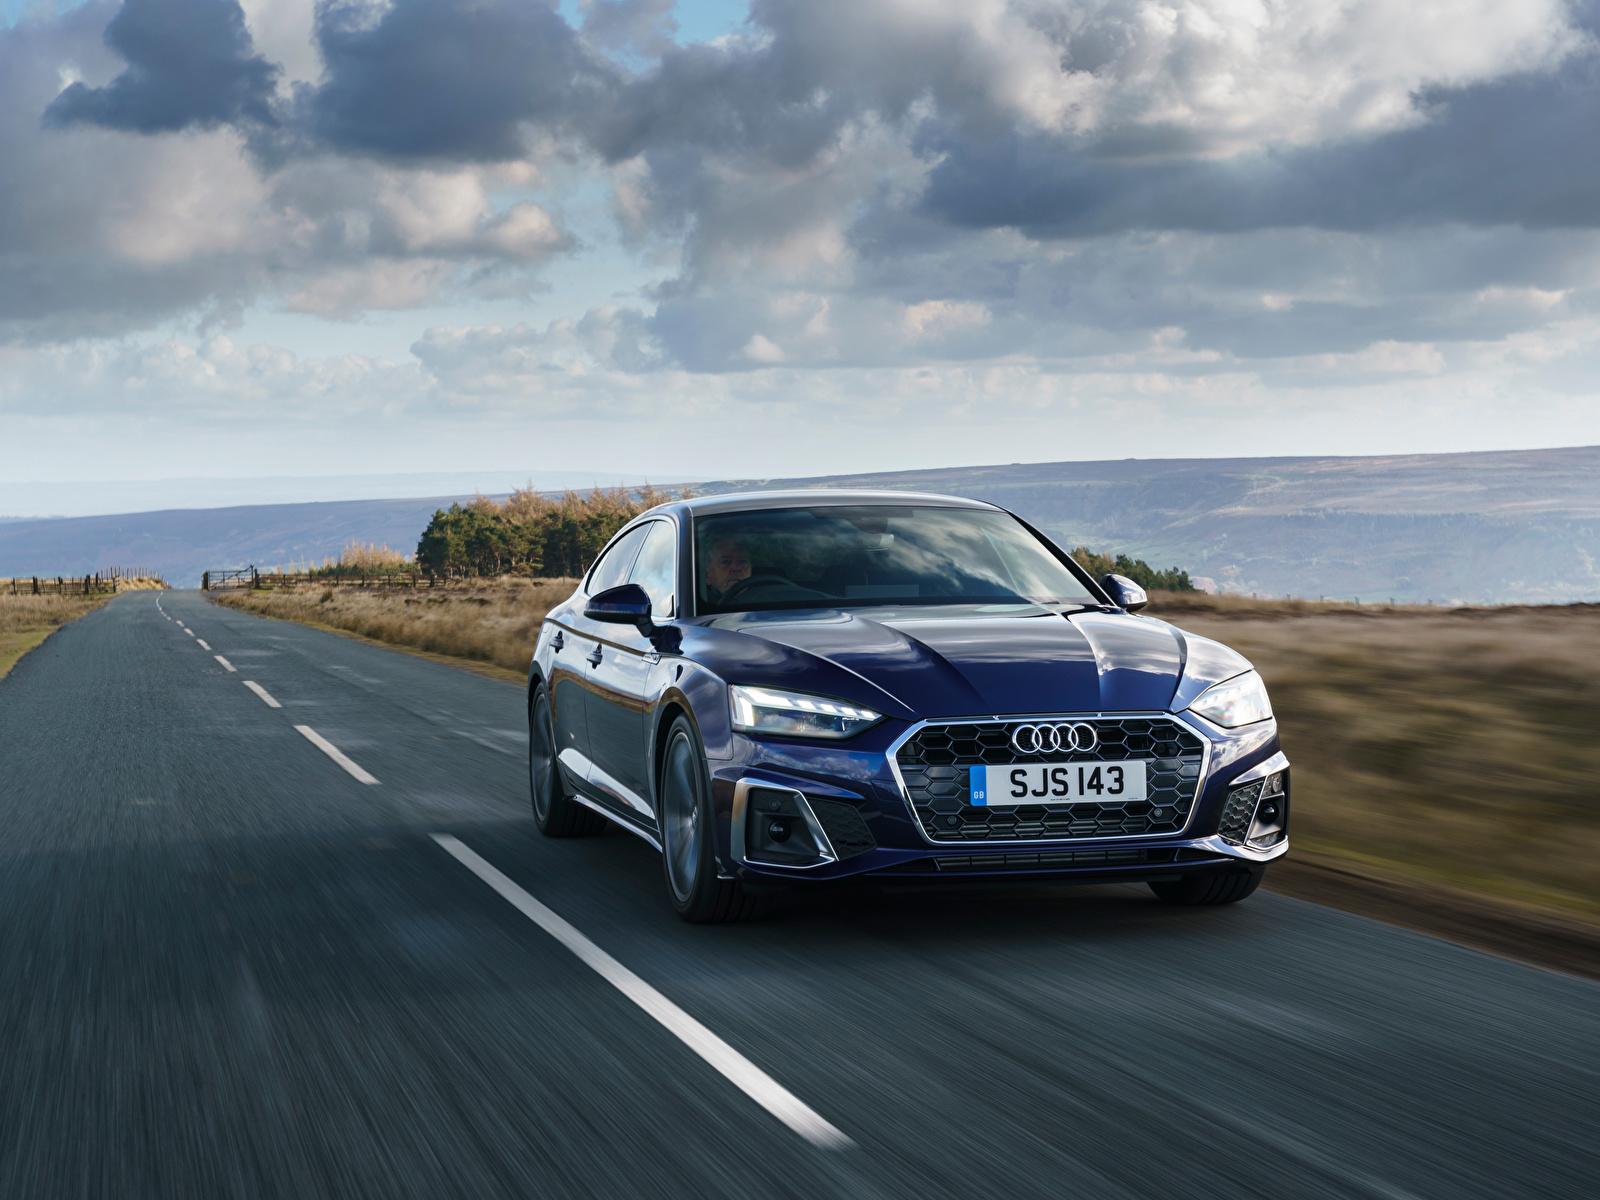 Картинка Ауди A5 Sportback 40 TFSI S line, UK-spec, 2020 синие Дороги Движение Металлик Автомобили 1600x1200 Audi синяя Синий синих едет едущий едущая скорость авто машины машина автомобиль